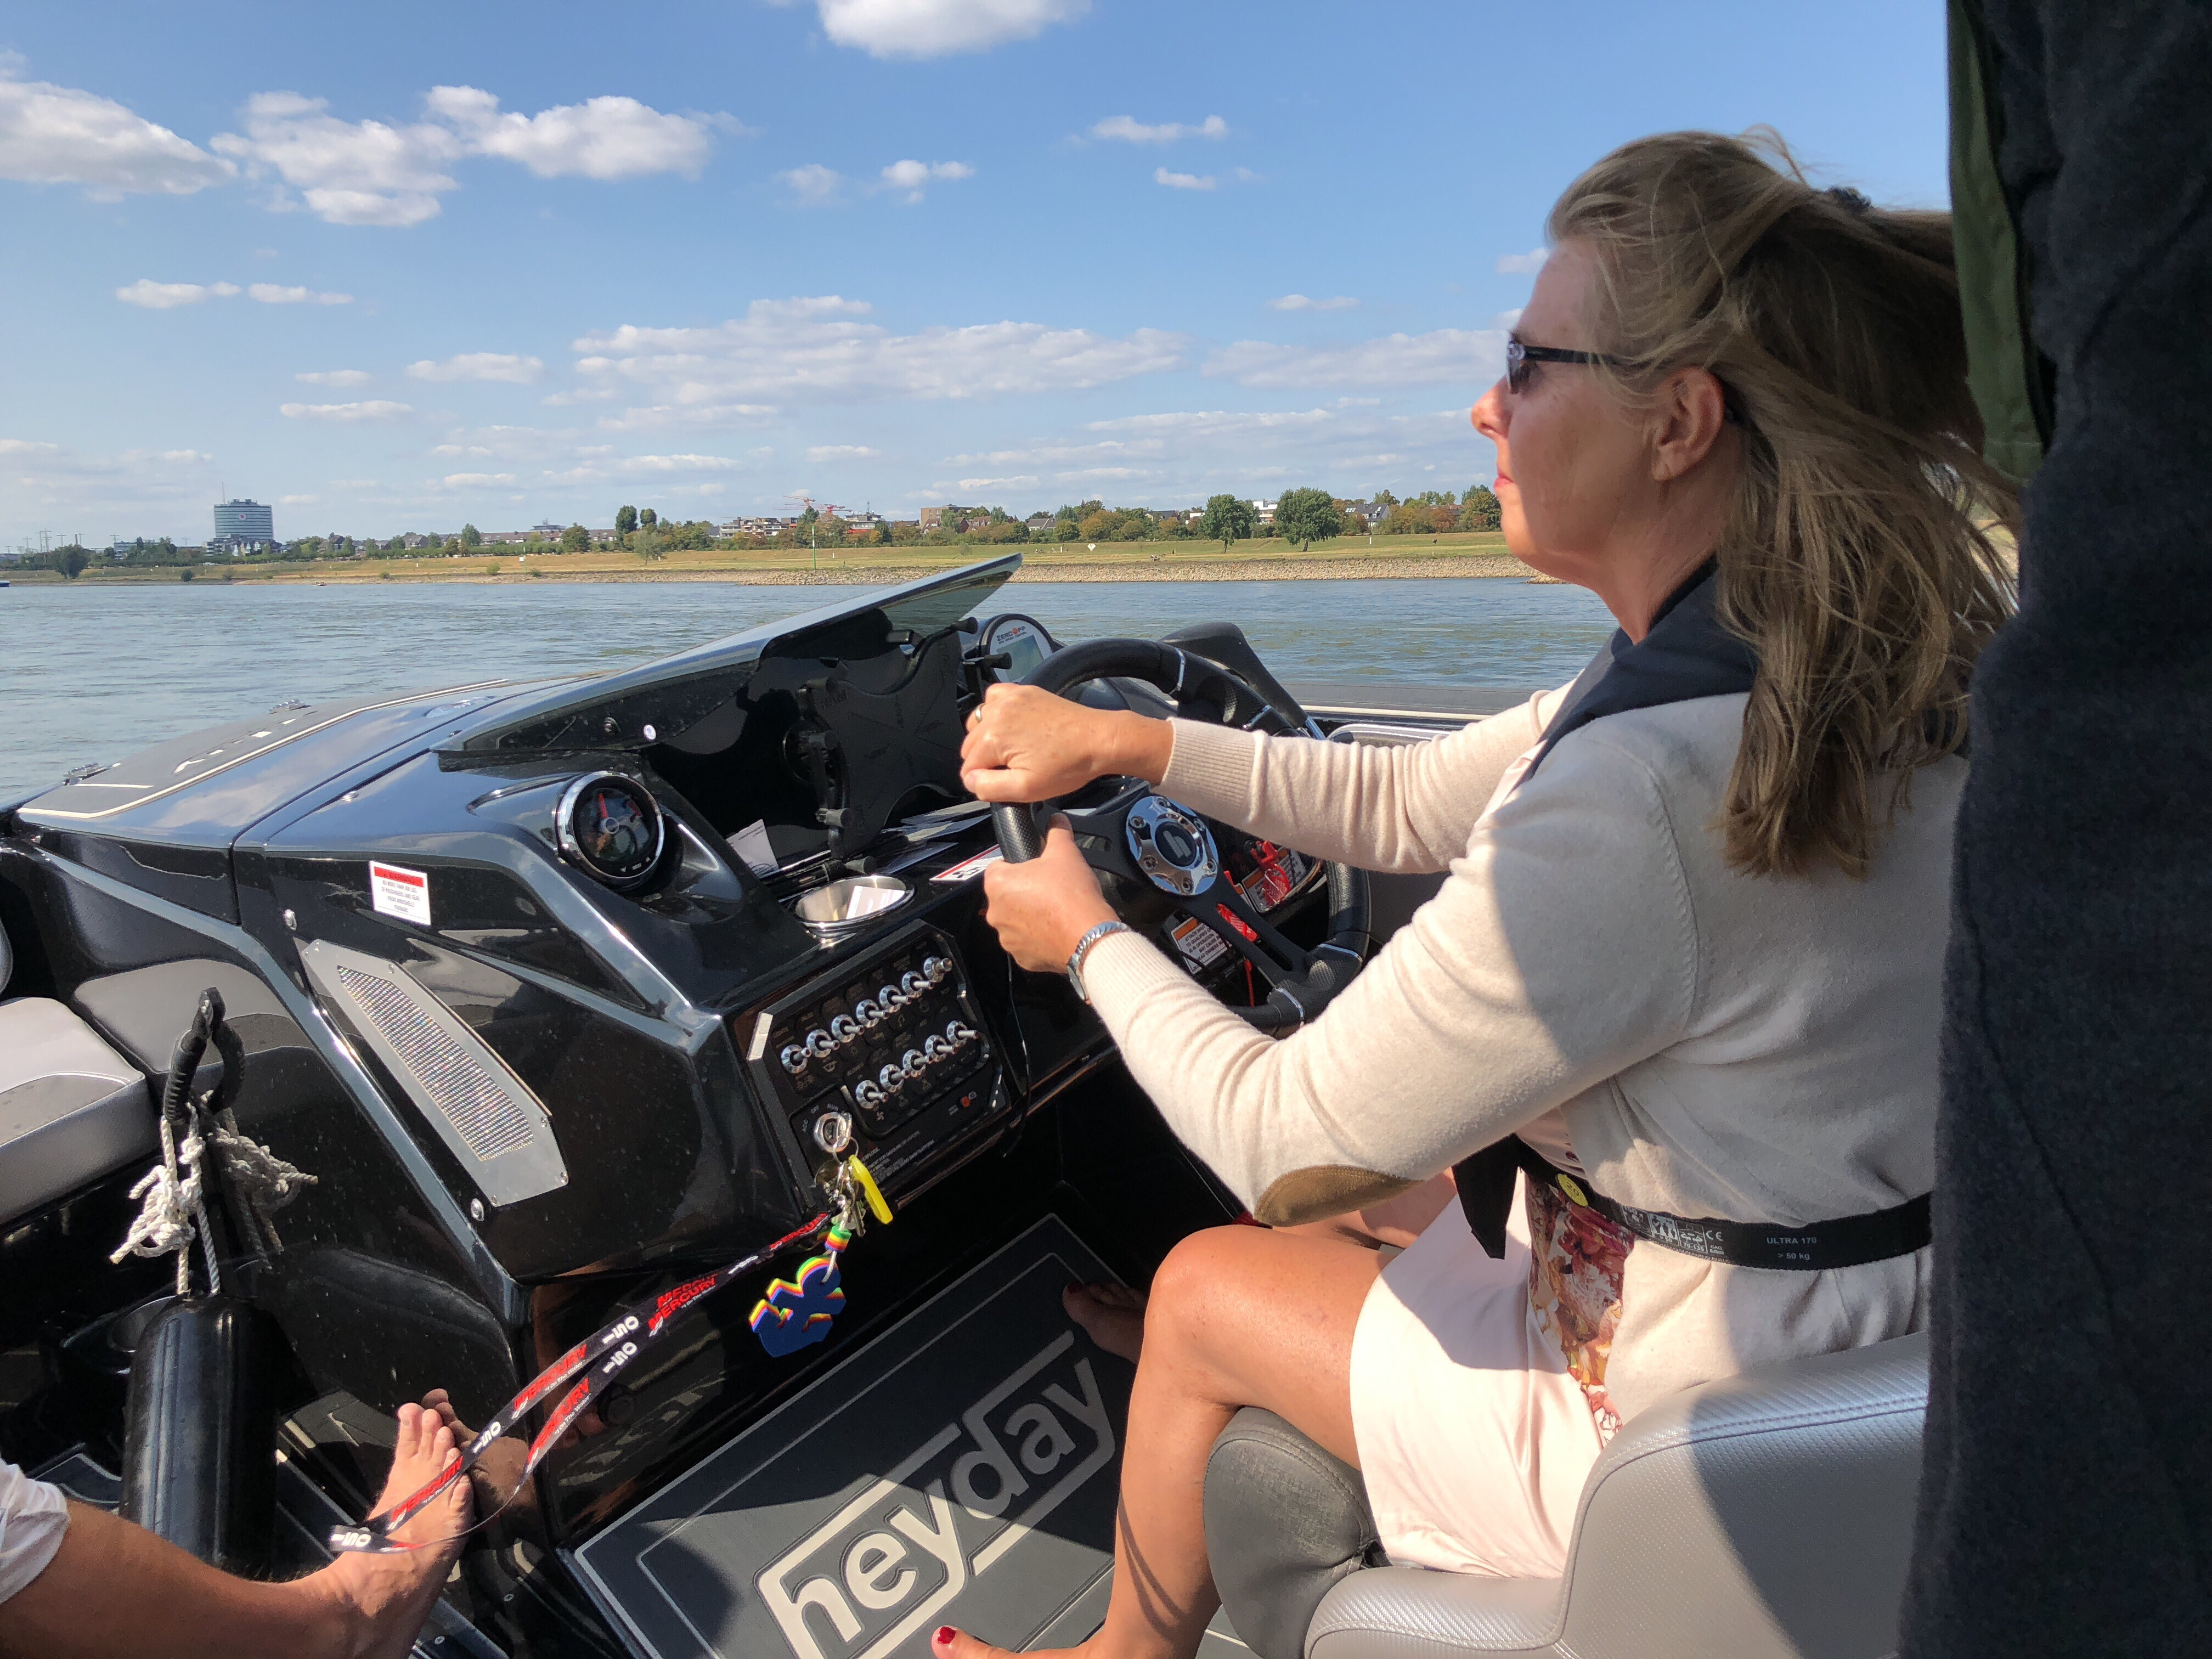 Start Boating: am 1. und 2. September 2018 können Interessierte das Ruder selbst in die Hand nehmen.